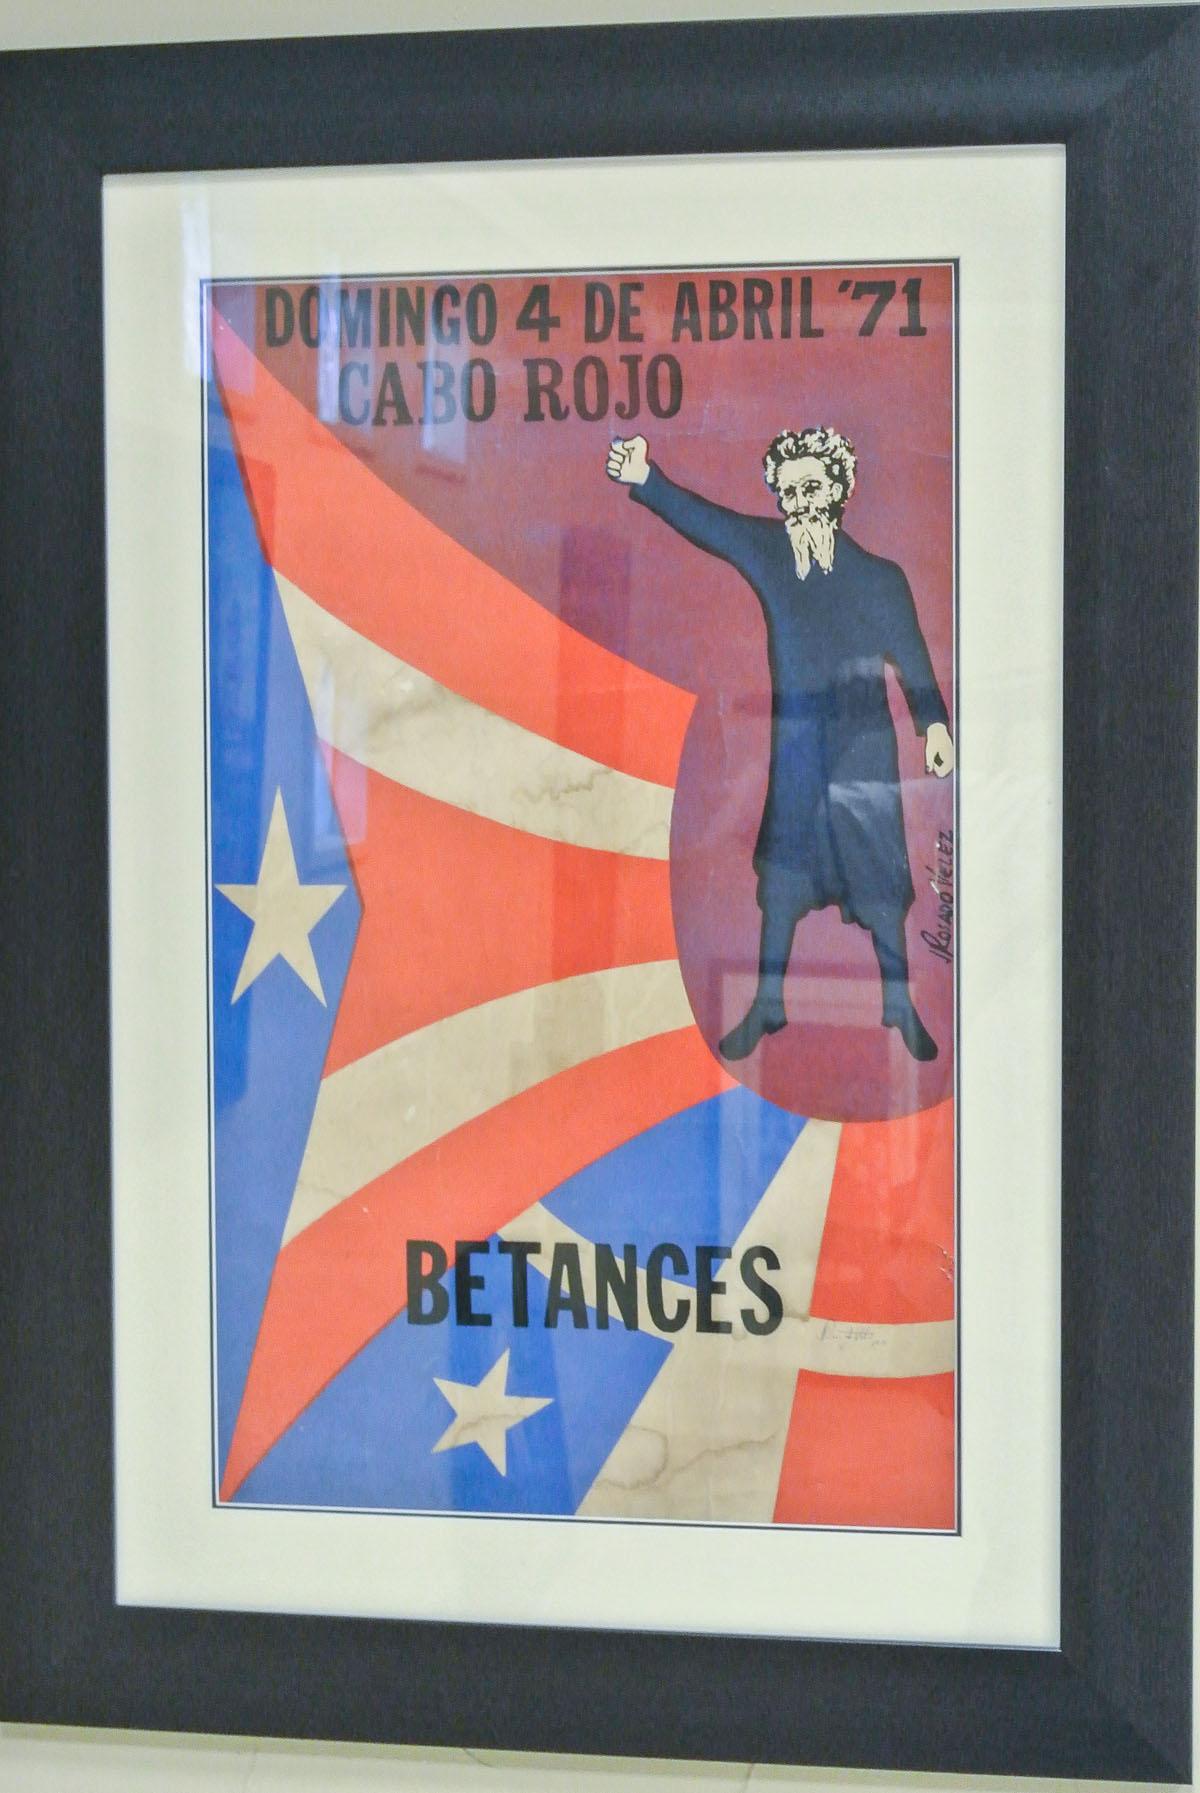 Afiche de Jornada a Betances 1971